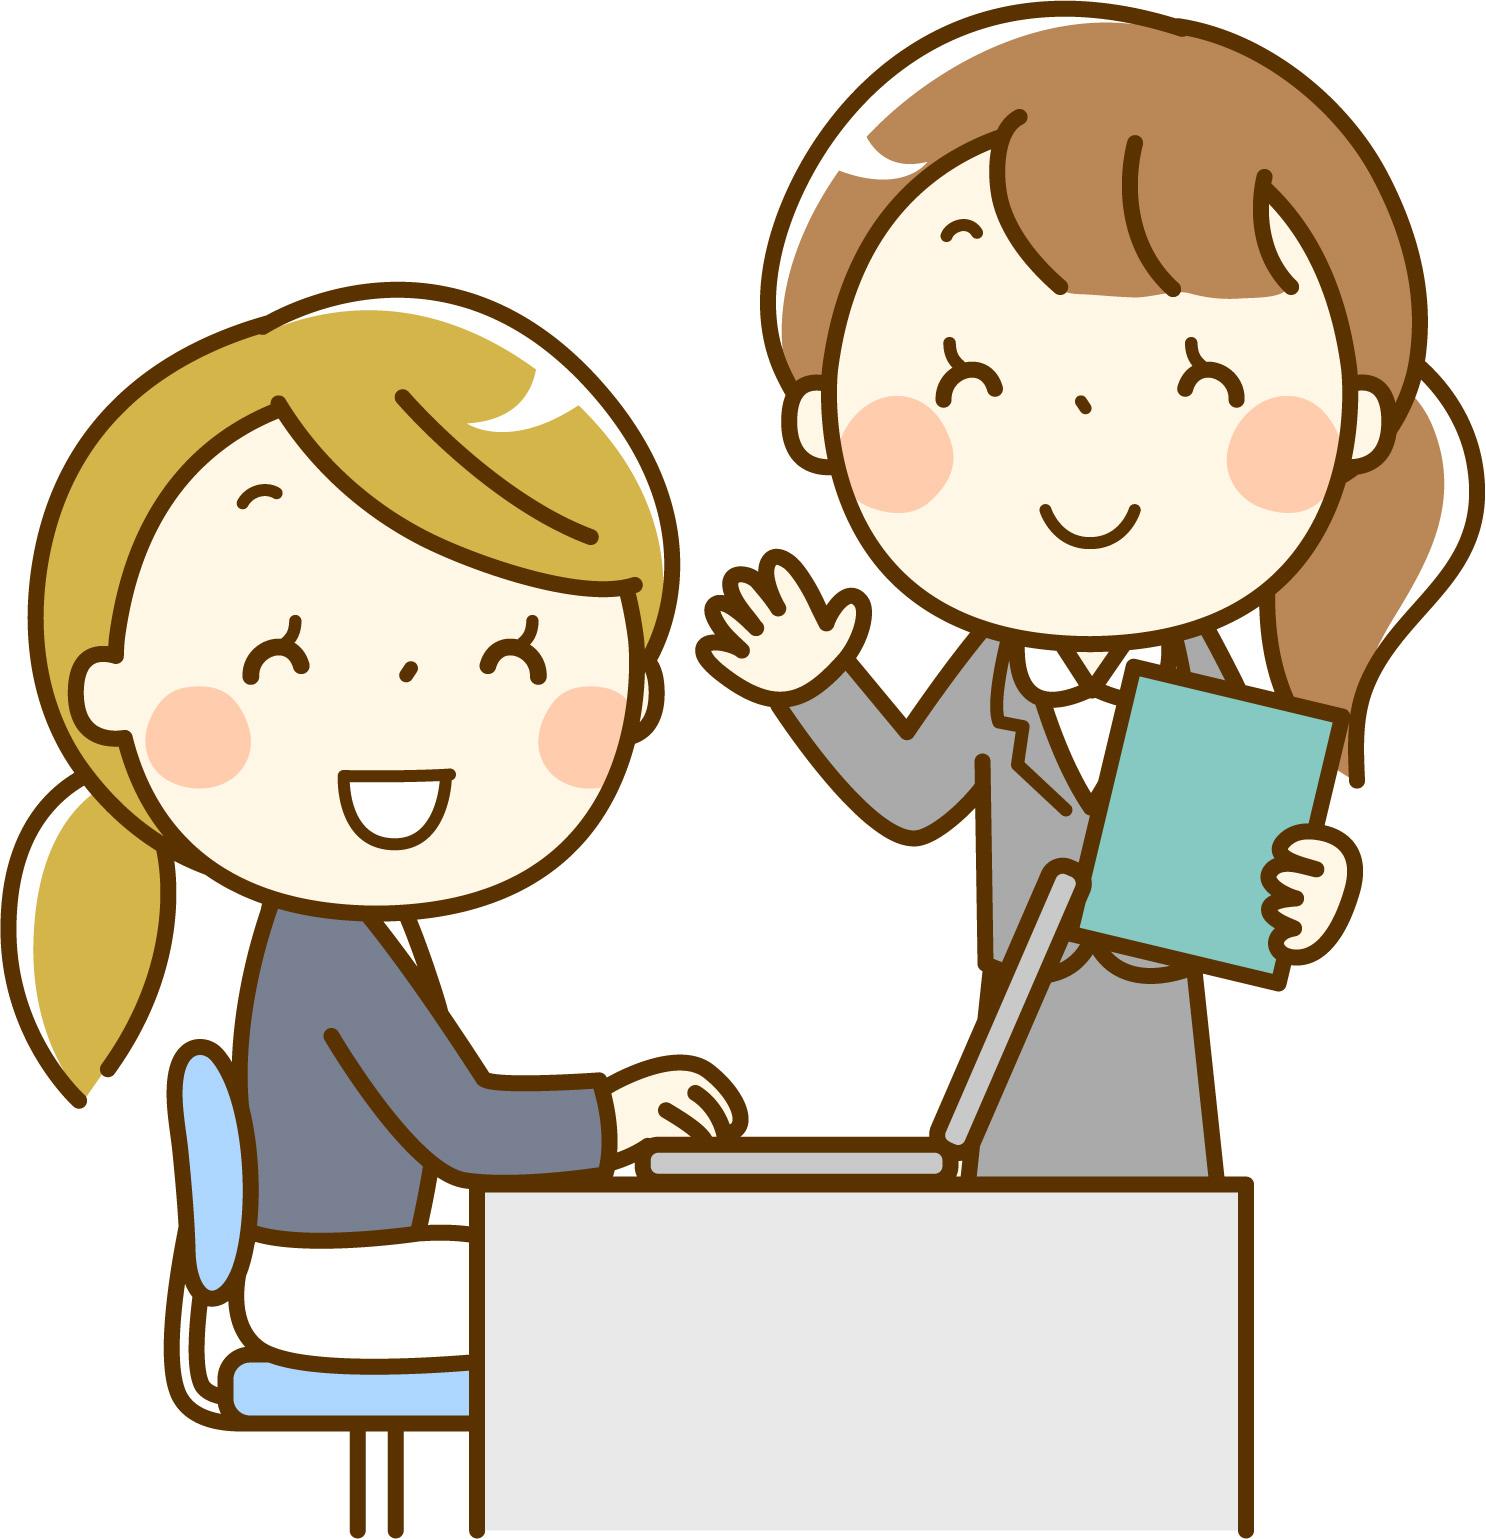 お子さんがいても安心して働くことができます!「子育てサポート企業」認定!